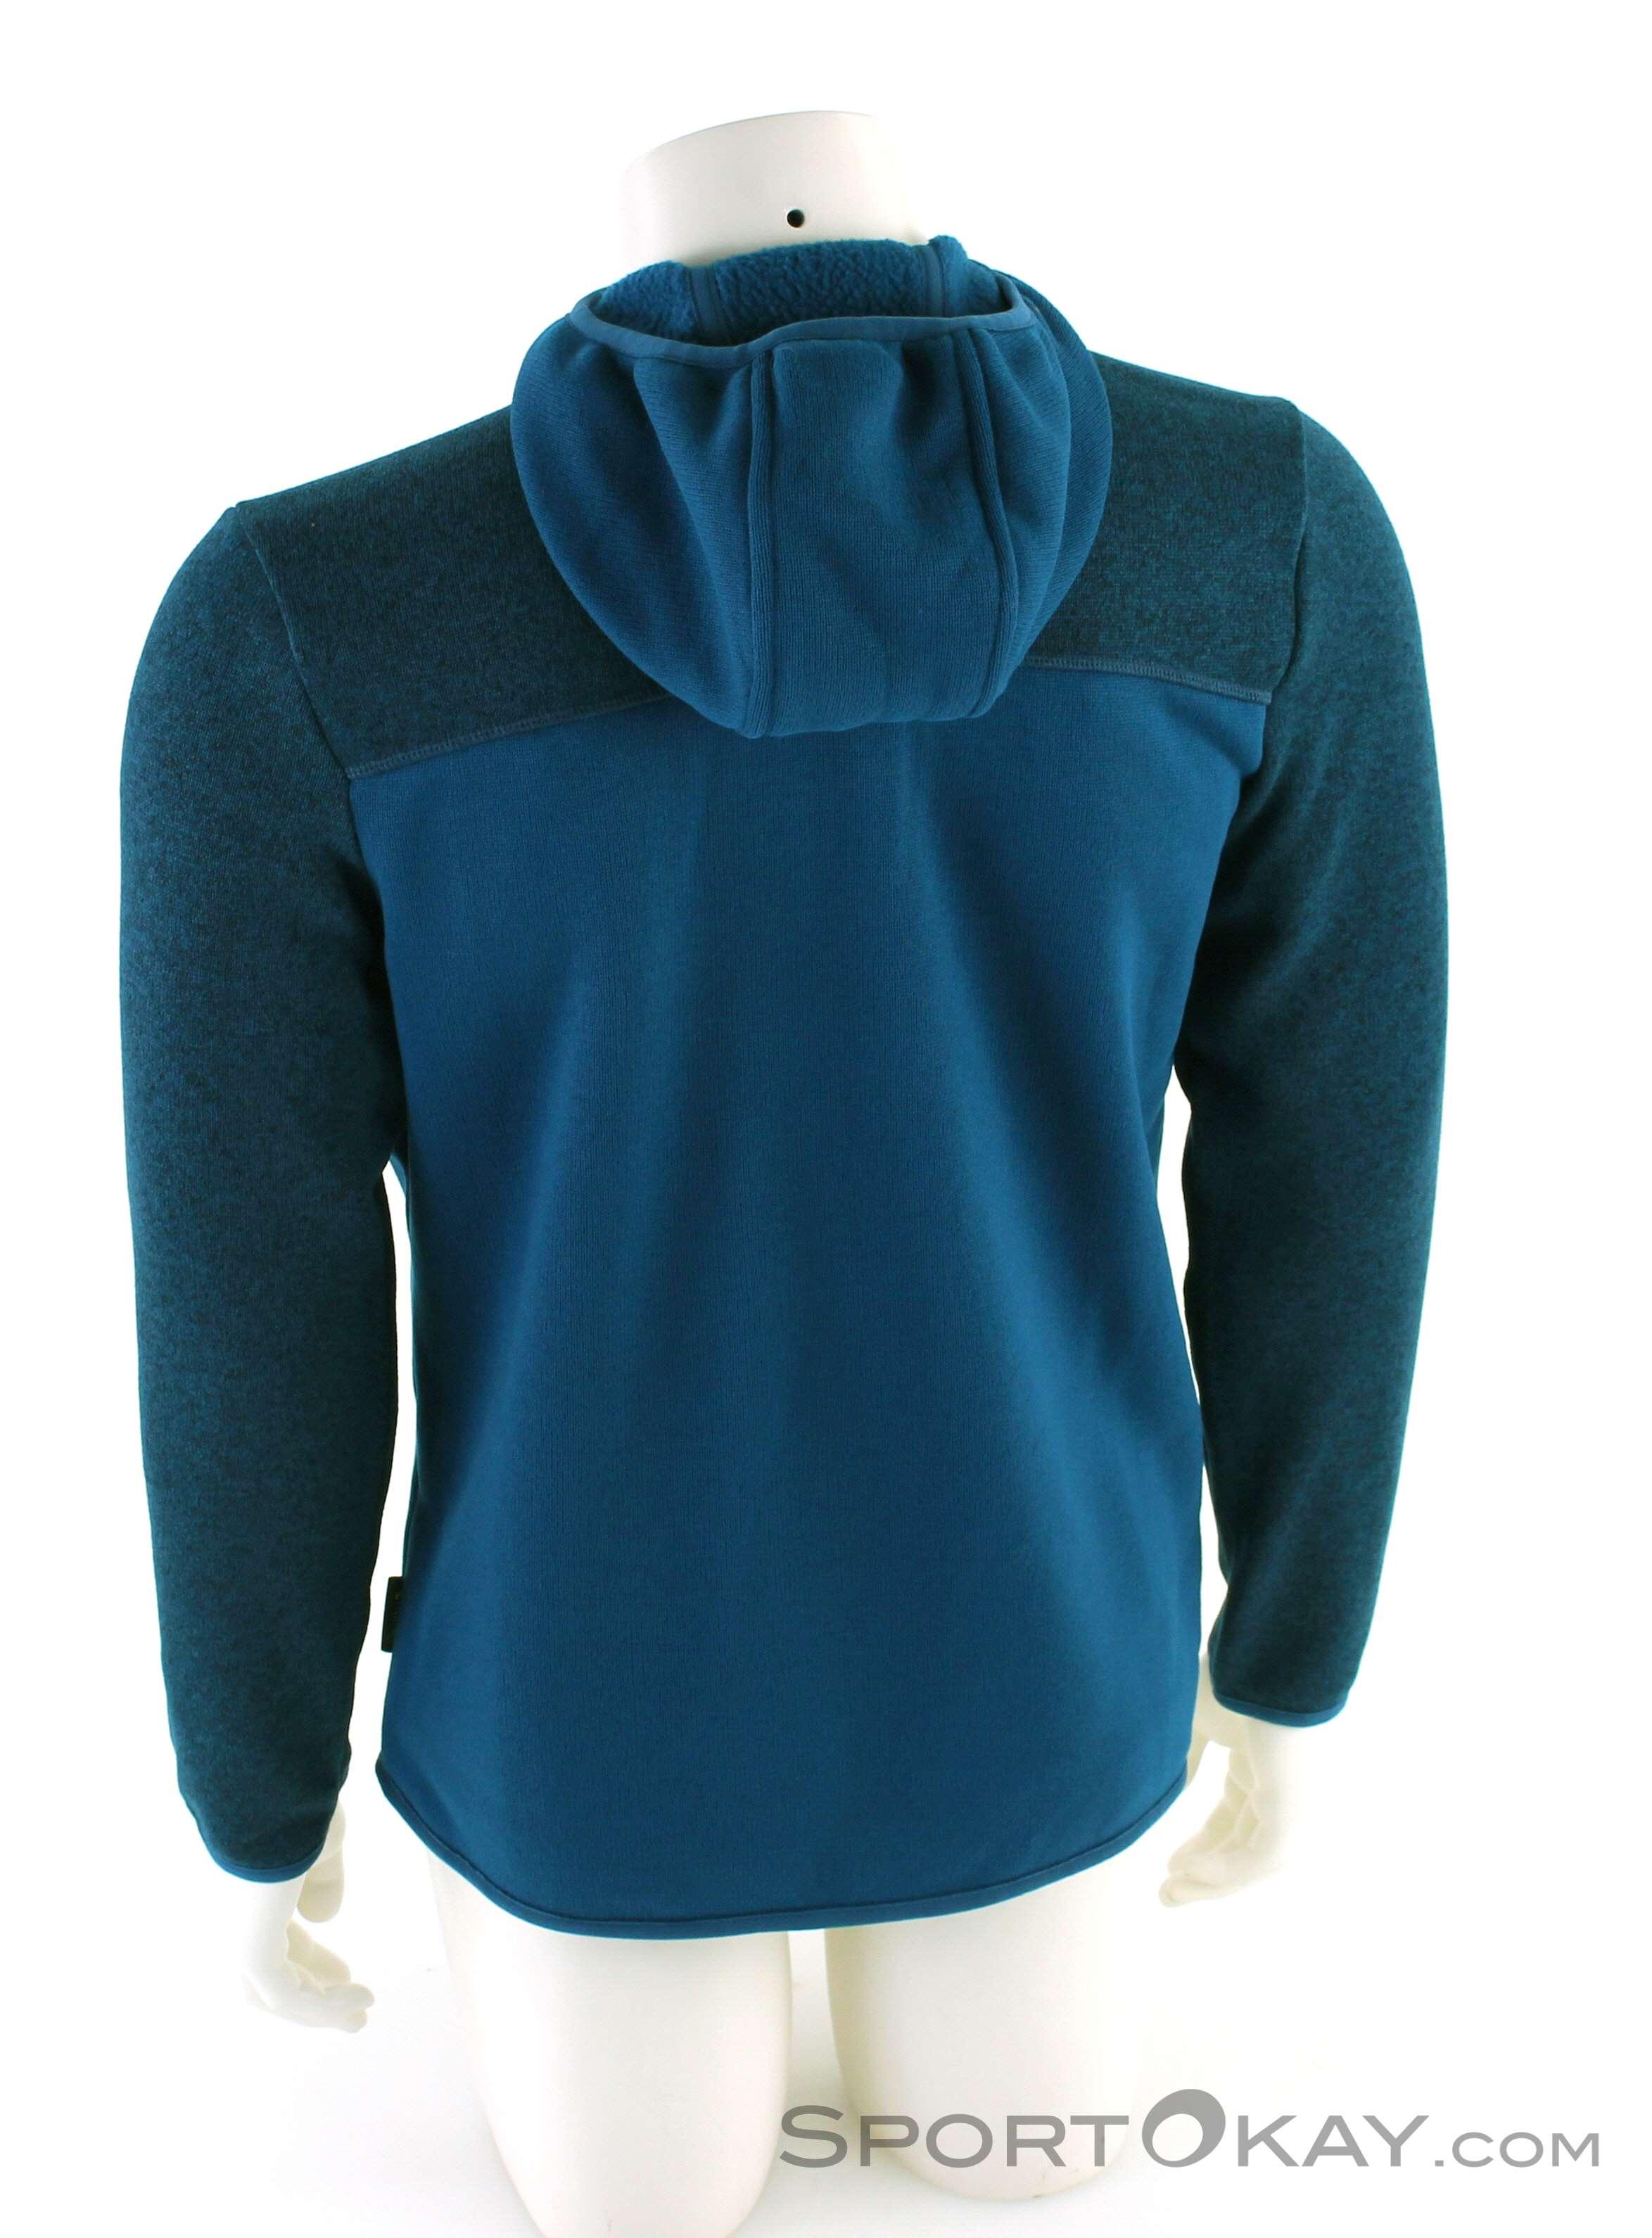 buy online 5c873 c5cd8 Jack Wolfskin Jack Wolfskin Elk Hooded Jacket Herren Outdoorjacke